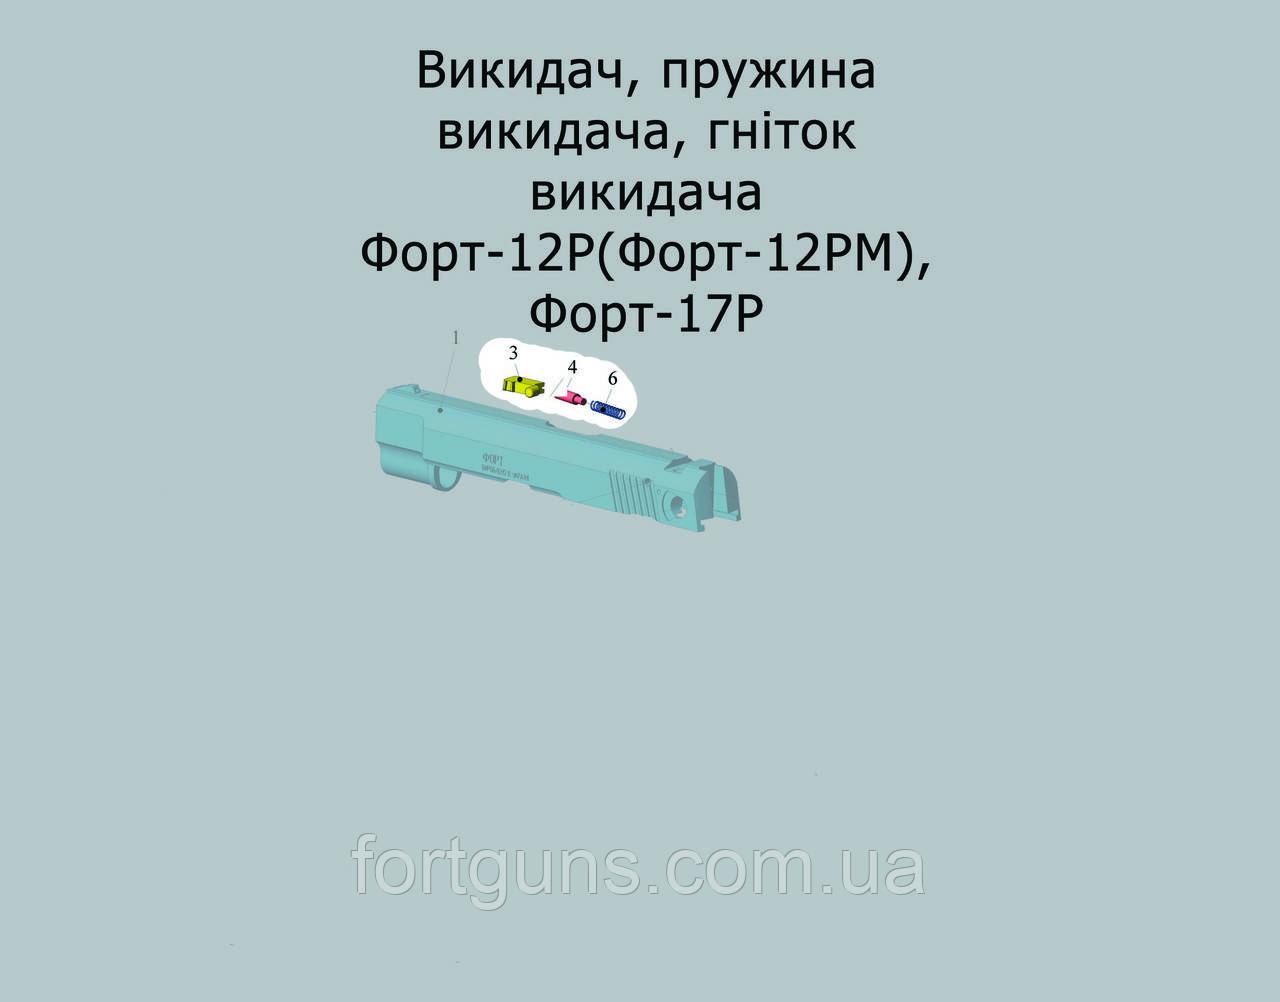 Заміна викидача, пружини викидача, гнітка викидача Форт-12Р (Форт-12РМ), Форт-17Р